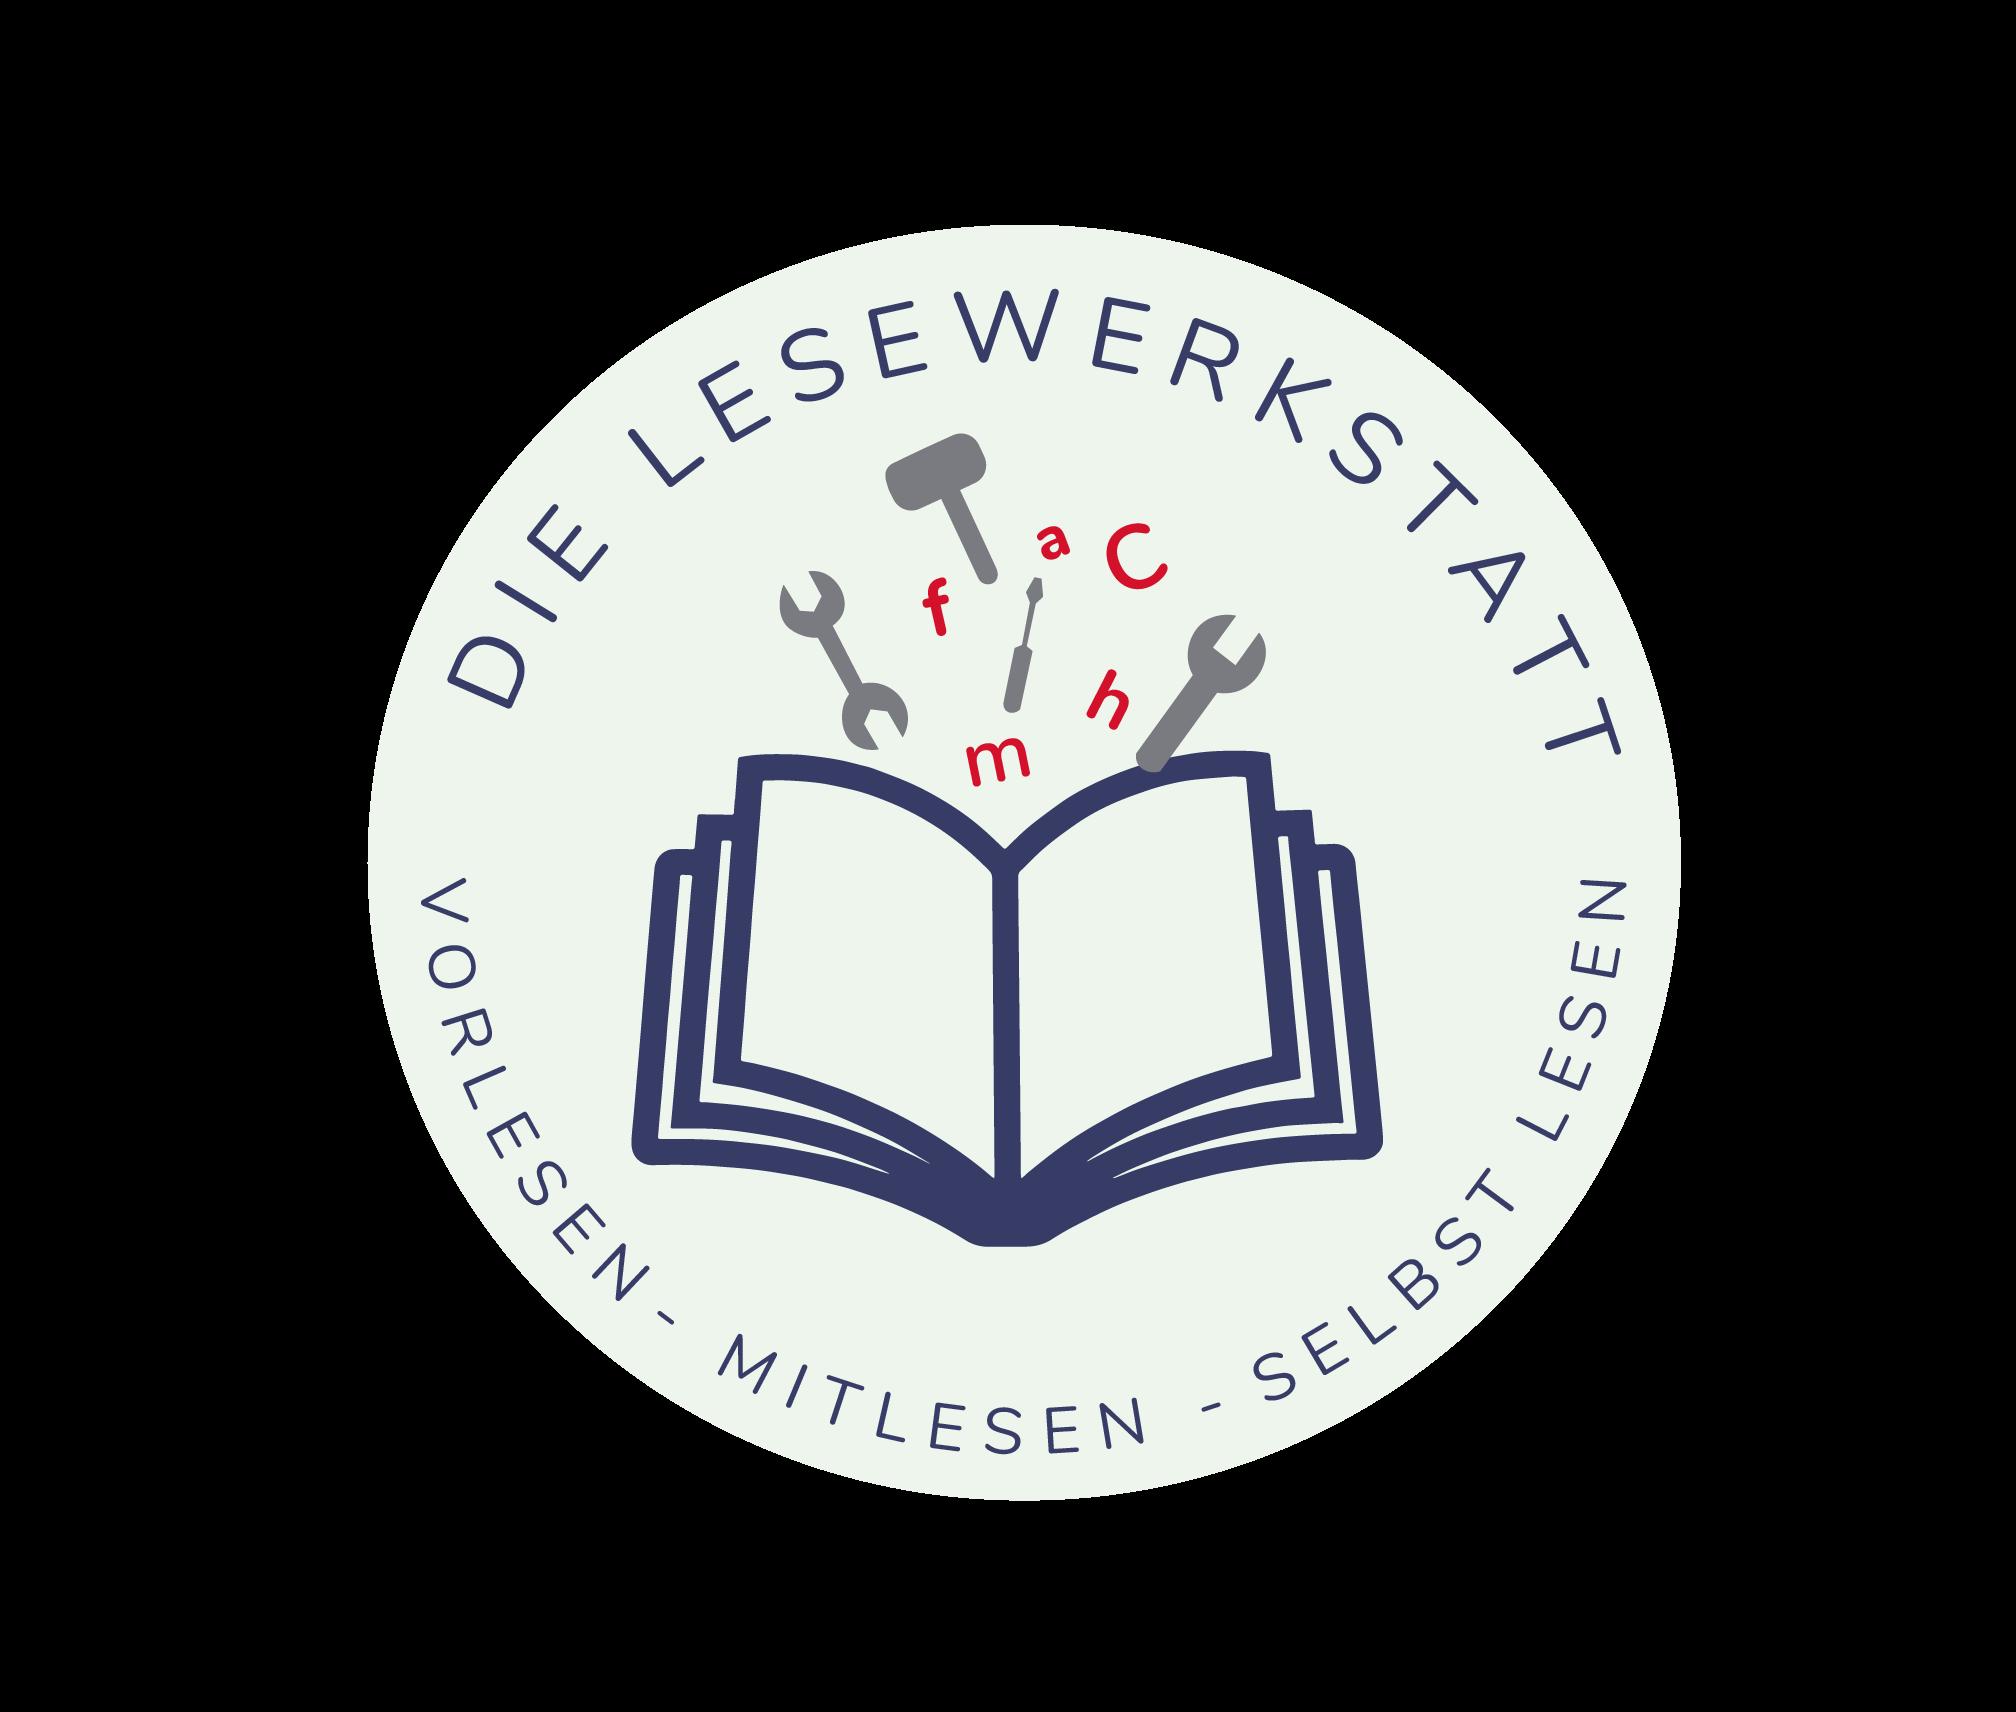 """Das Logo der Lesewerkstatt ist rund und beinhaltet ein Buch, aus dem Werkzeuge wie Hammer und Zange sowie Buchstaben herauskommen. Um das Symbol herum steht """"Die Lesewerkstatt - vorlesen, mitlesen, selbst lesen""""."""